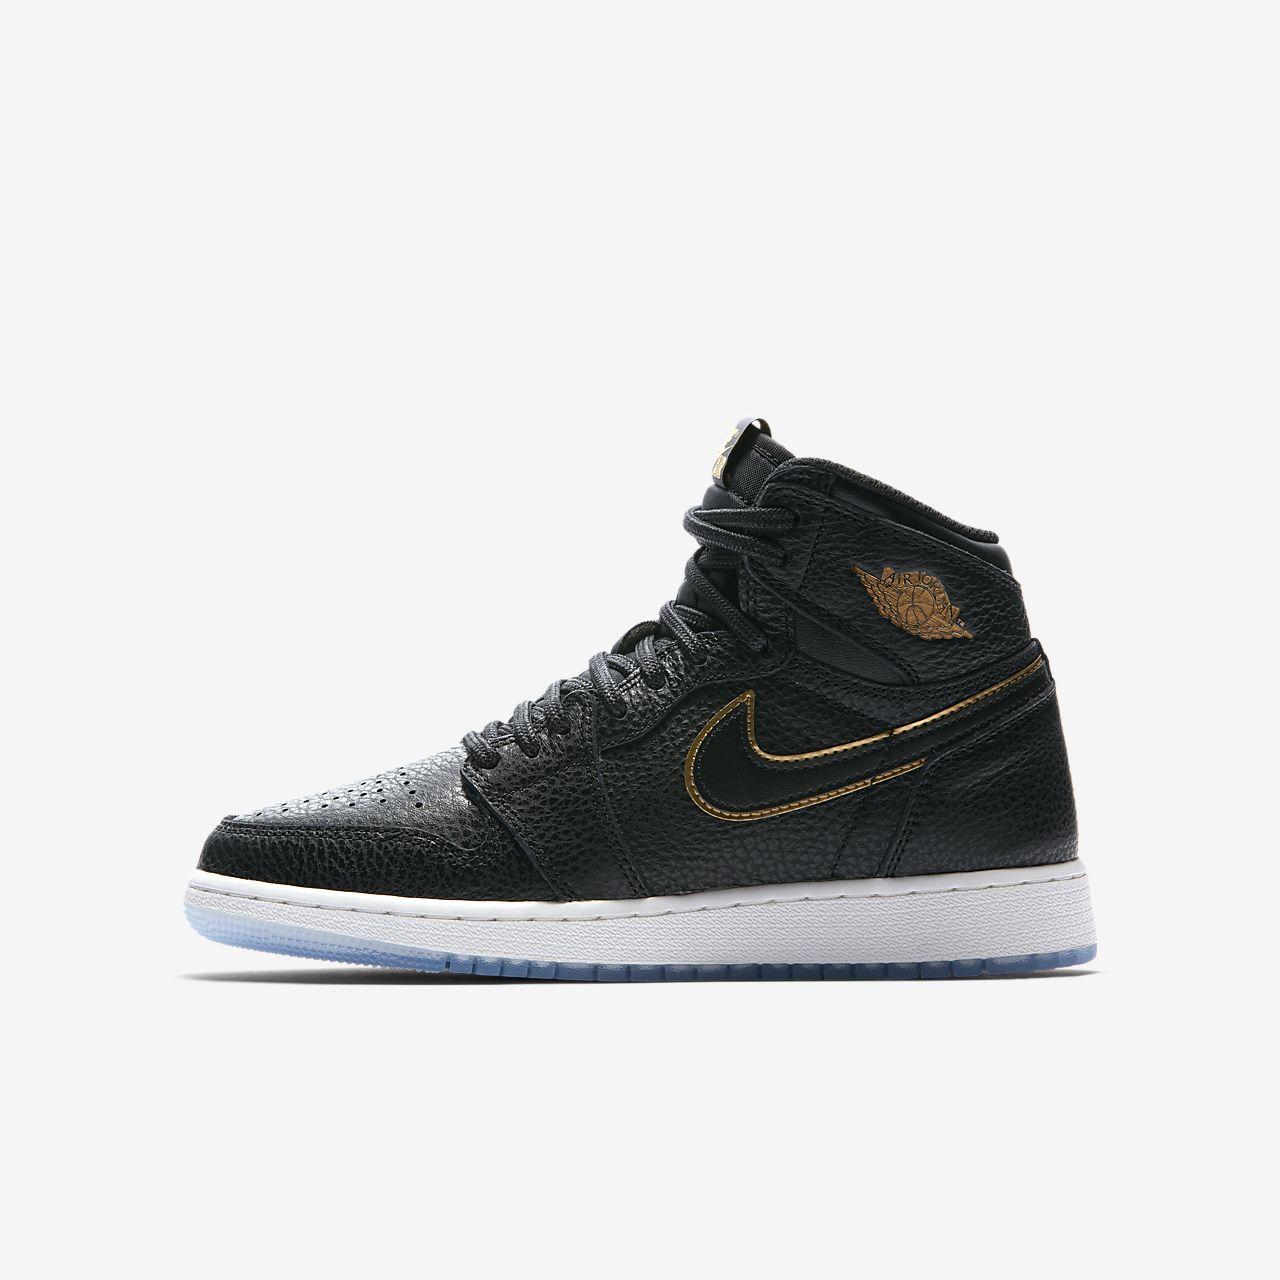 c0626b6ac8d Chaussure Air Jordan 1 Retro High OG pour Enfant plus  gé .